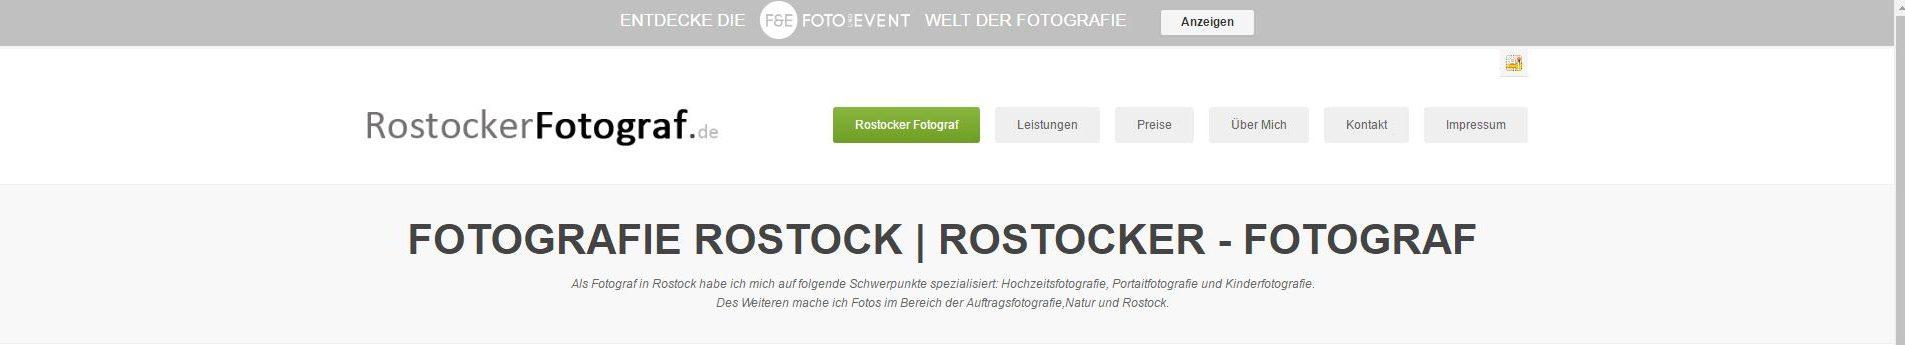 www.rostocker-fotograf.de